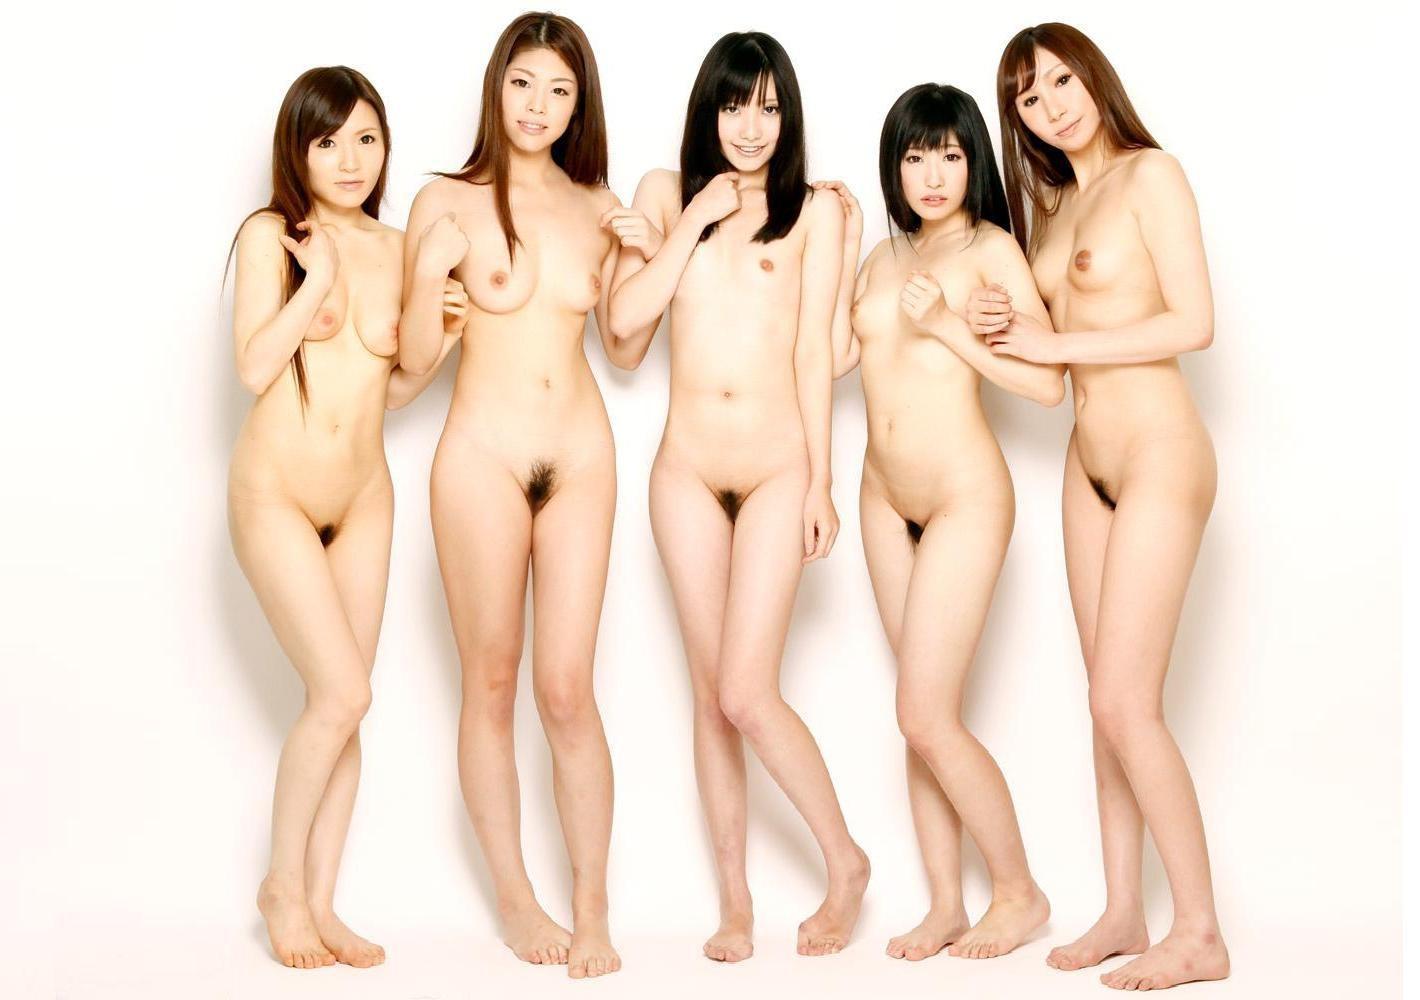 集団 ヌード エロ 全裸 集合 大人数 複数 ヌード エロ画像【19】